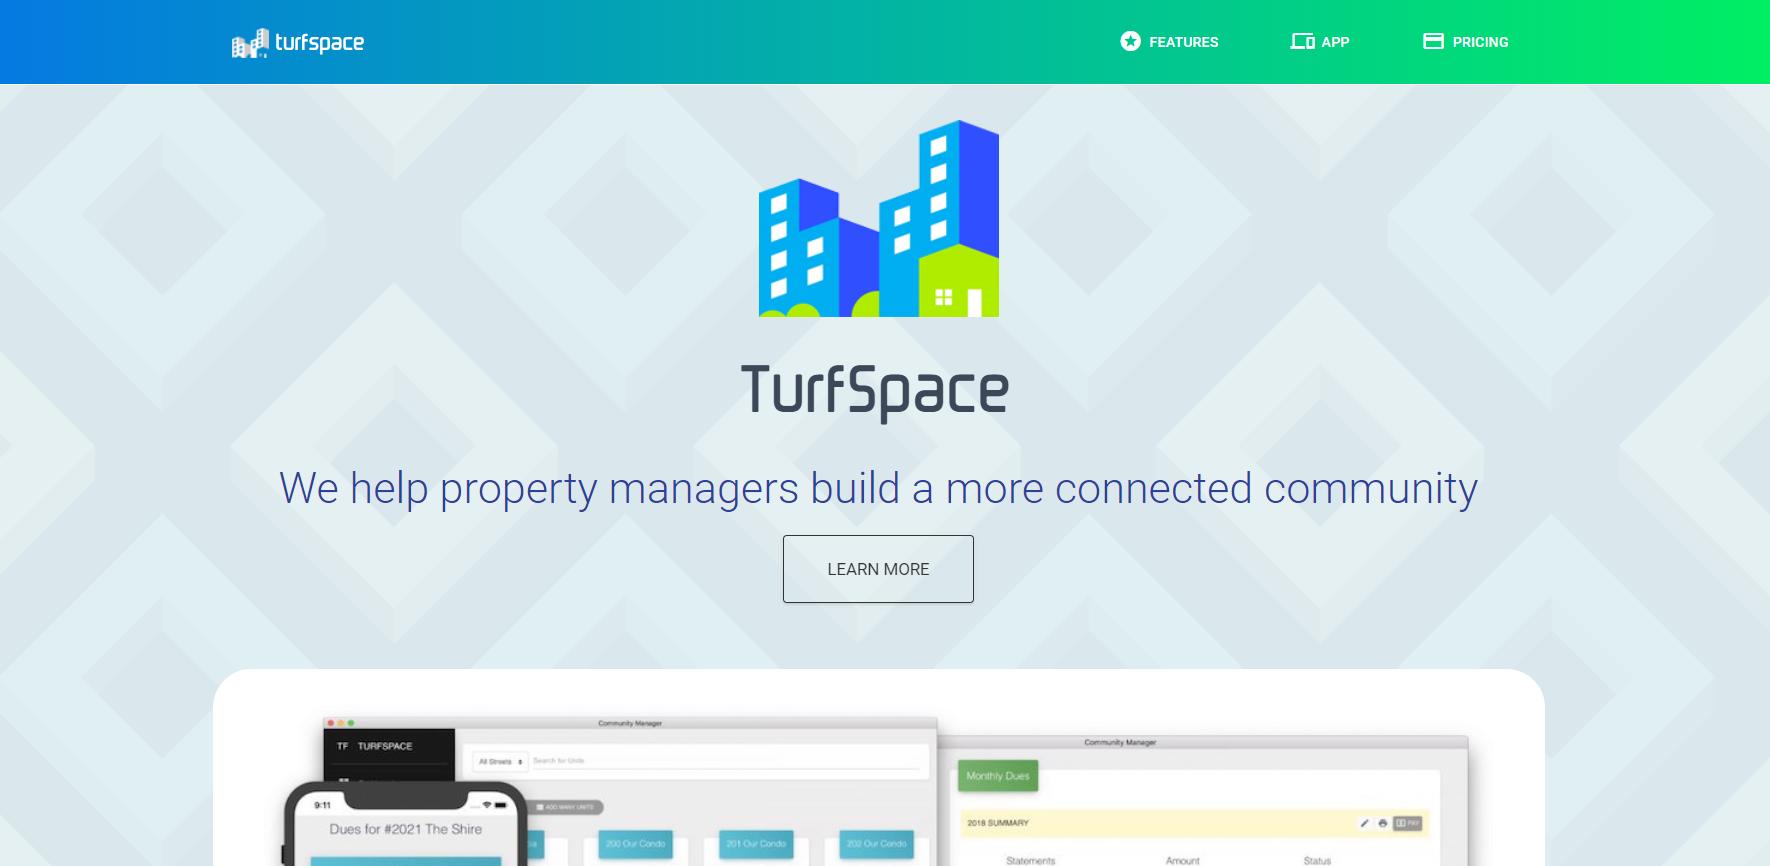 Turfspace